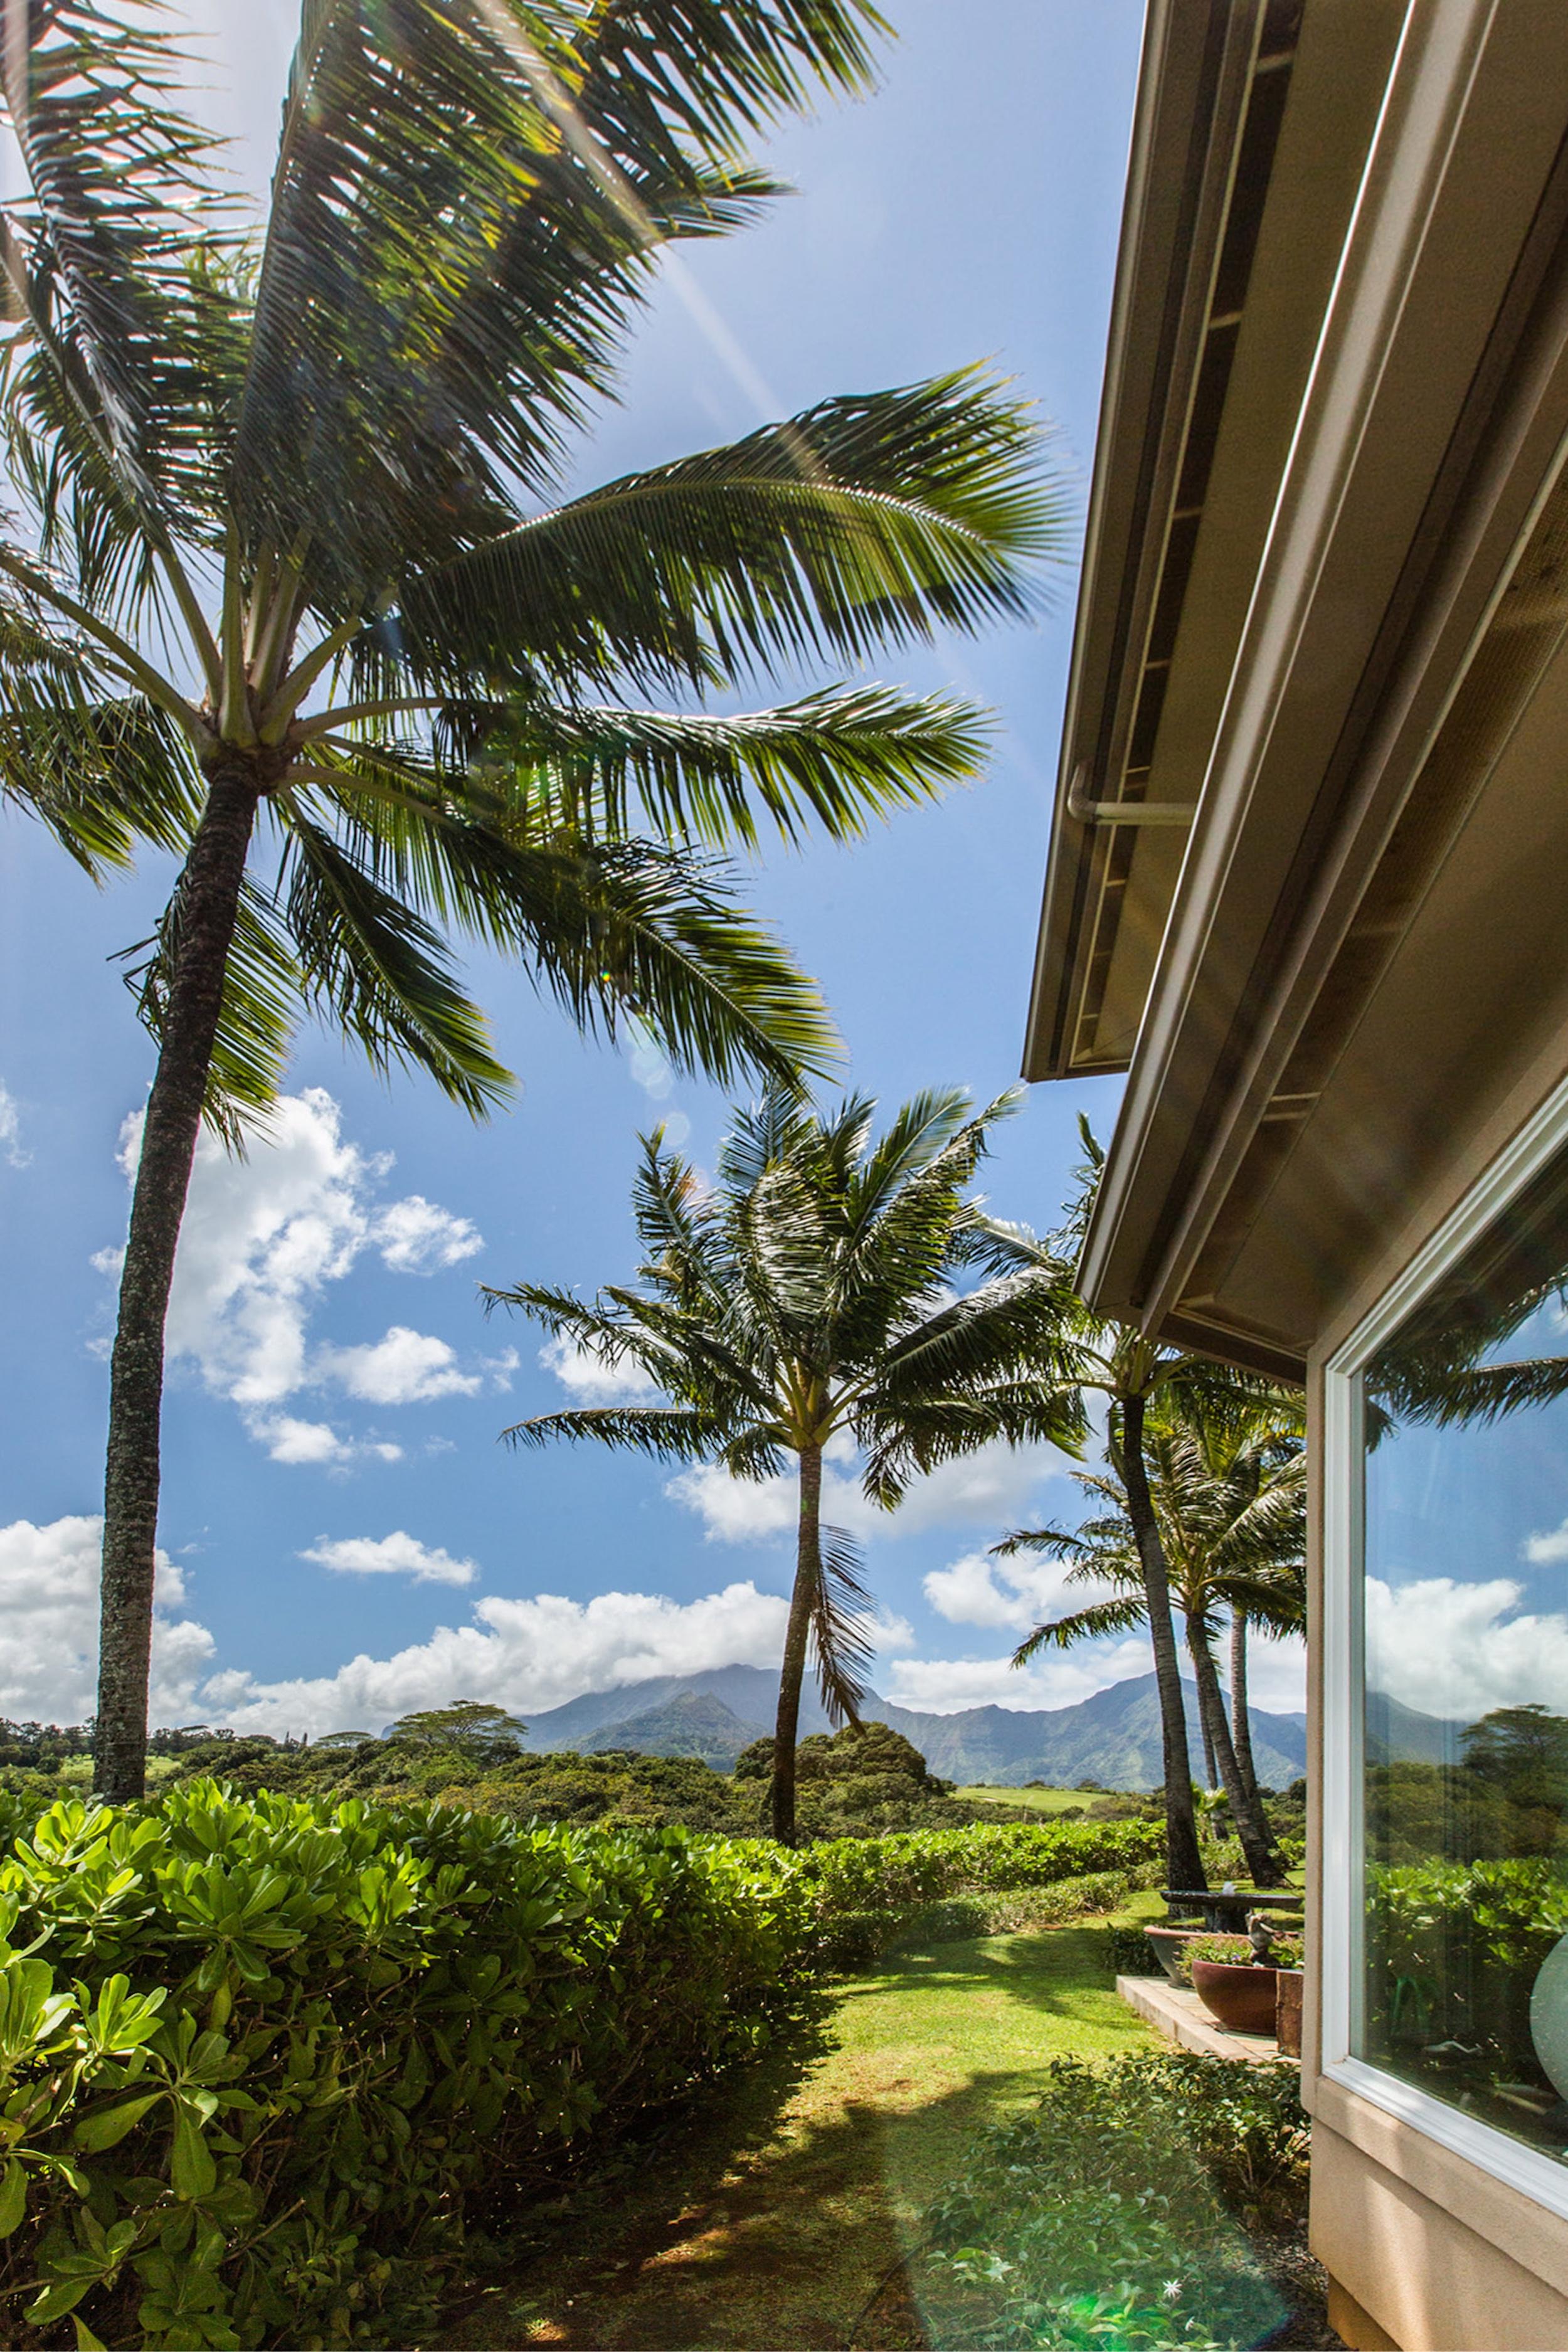 Кондоминиум для того Продажа на Ka'iulania of Princeville 4100 Queen Emma Dr. #15 Princeville, Гавайи, 96754 Соединенные Штаты